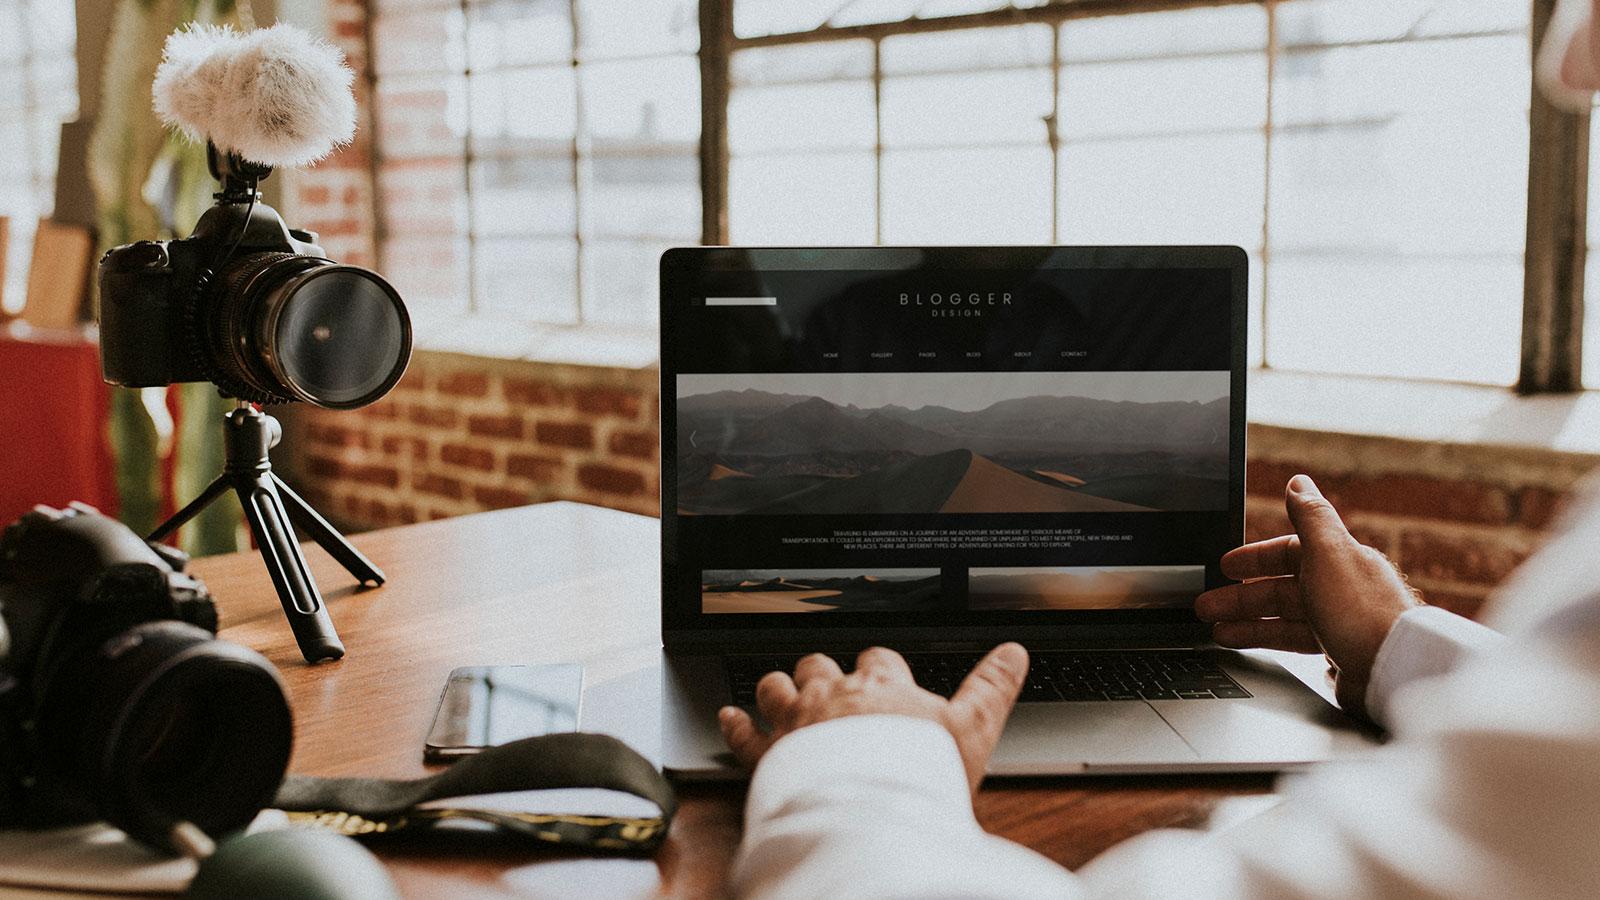 estudo caso5 - Veja 4 passos sobre como fazer um estudo de caso em vídeo